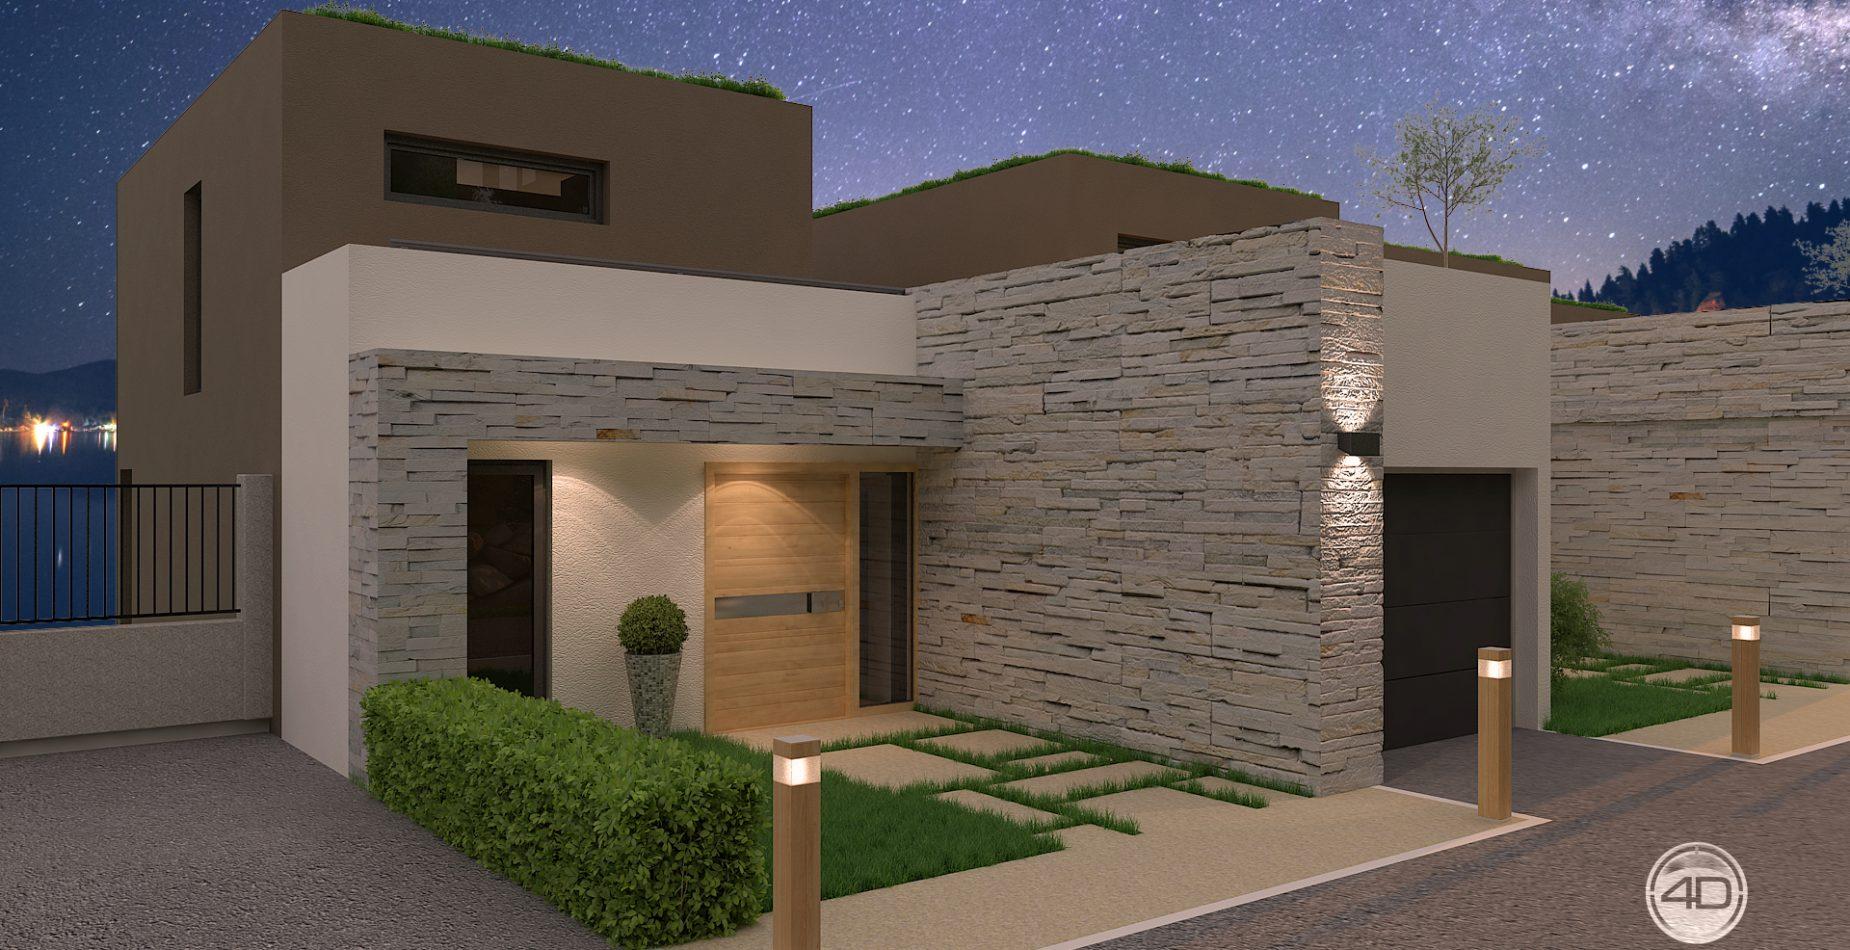 Edificio_4D-univers-townhouse_lac_annecy_3D-villa_00012